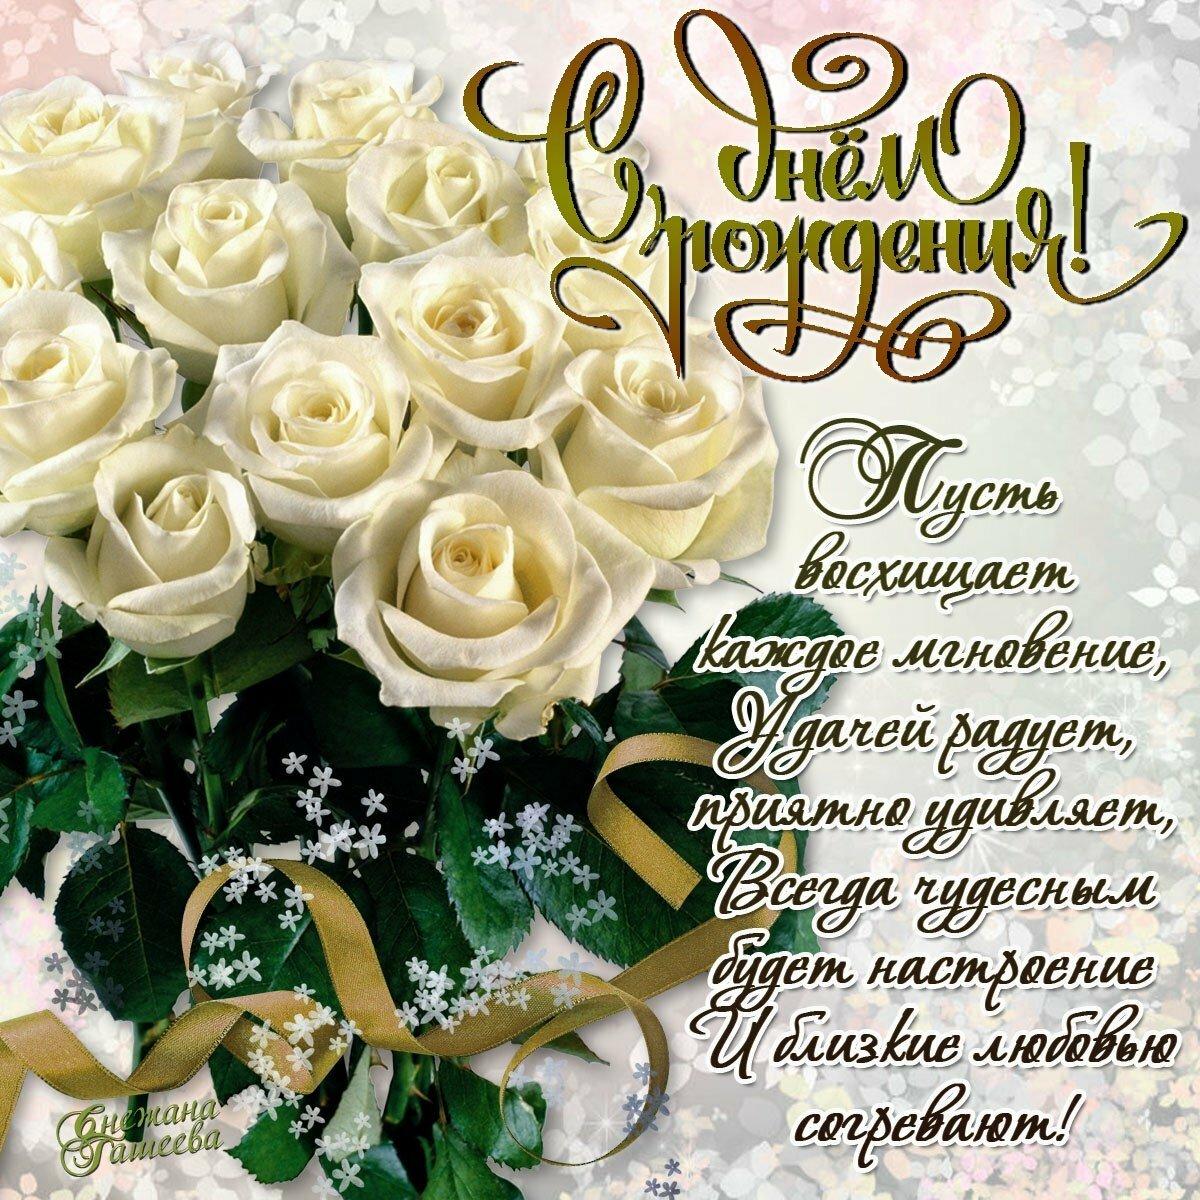 Поздравительные открытки с днем рождения красивой девушке в стихах красивые, крутому другу